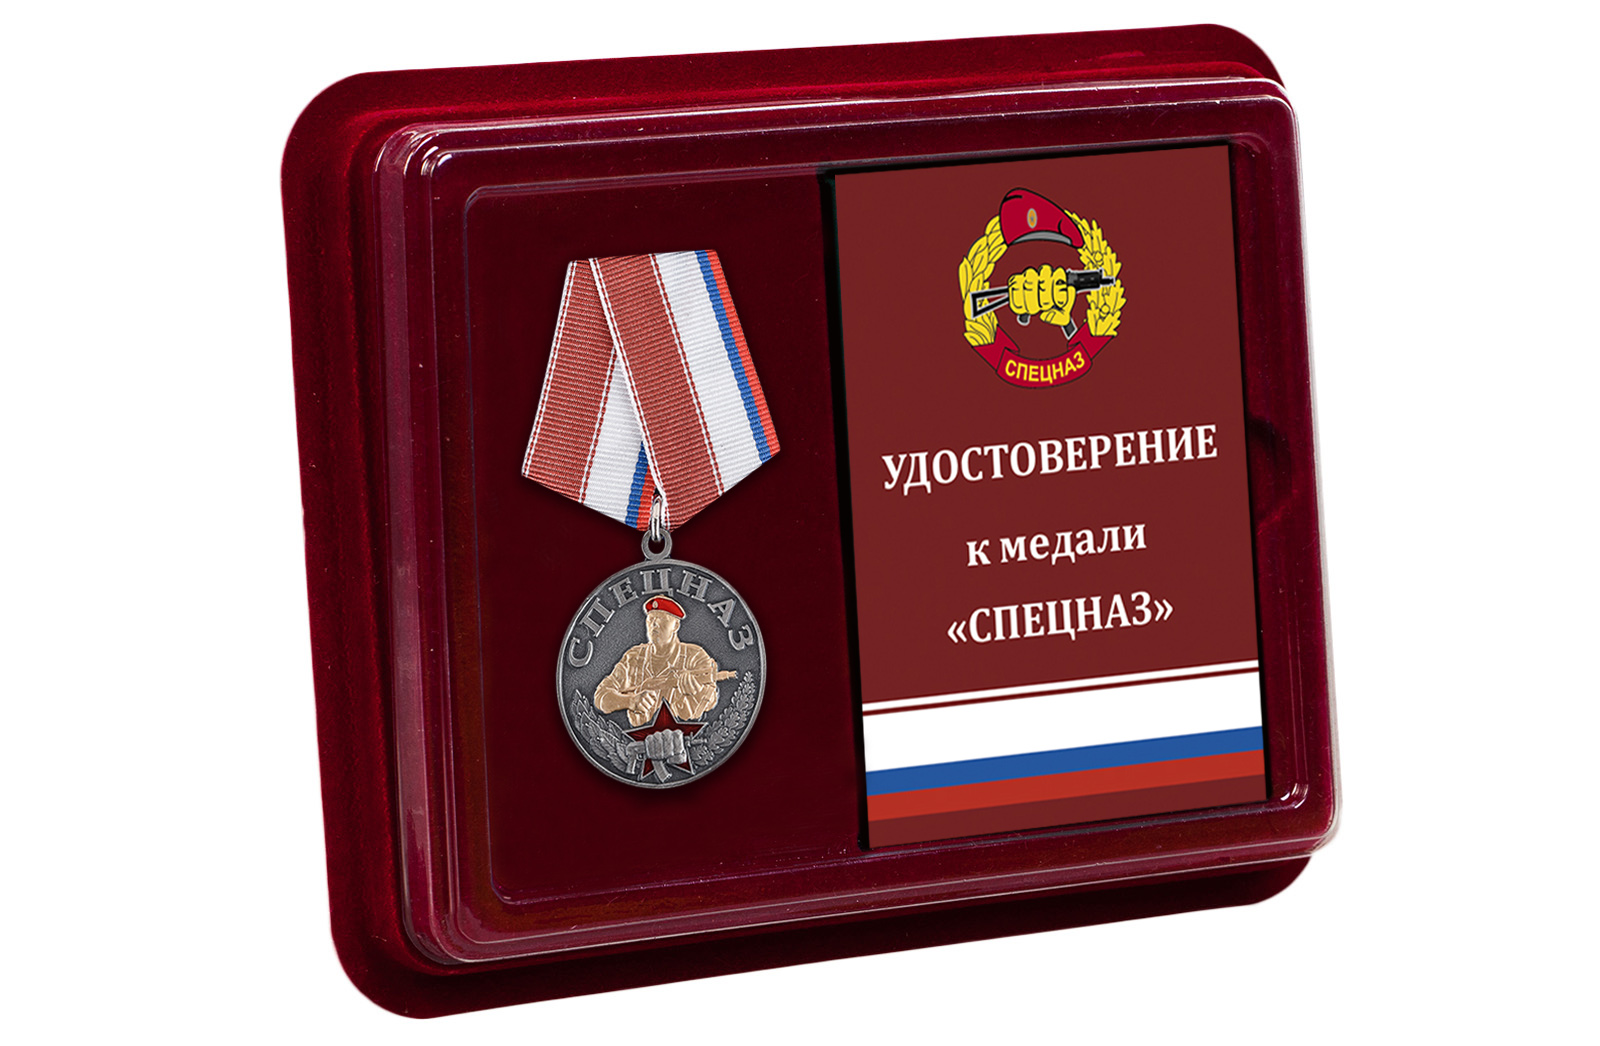 Купить медаль Спецназ с доставкой в ваш город